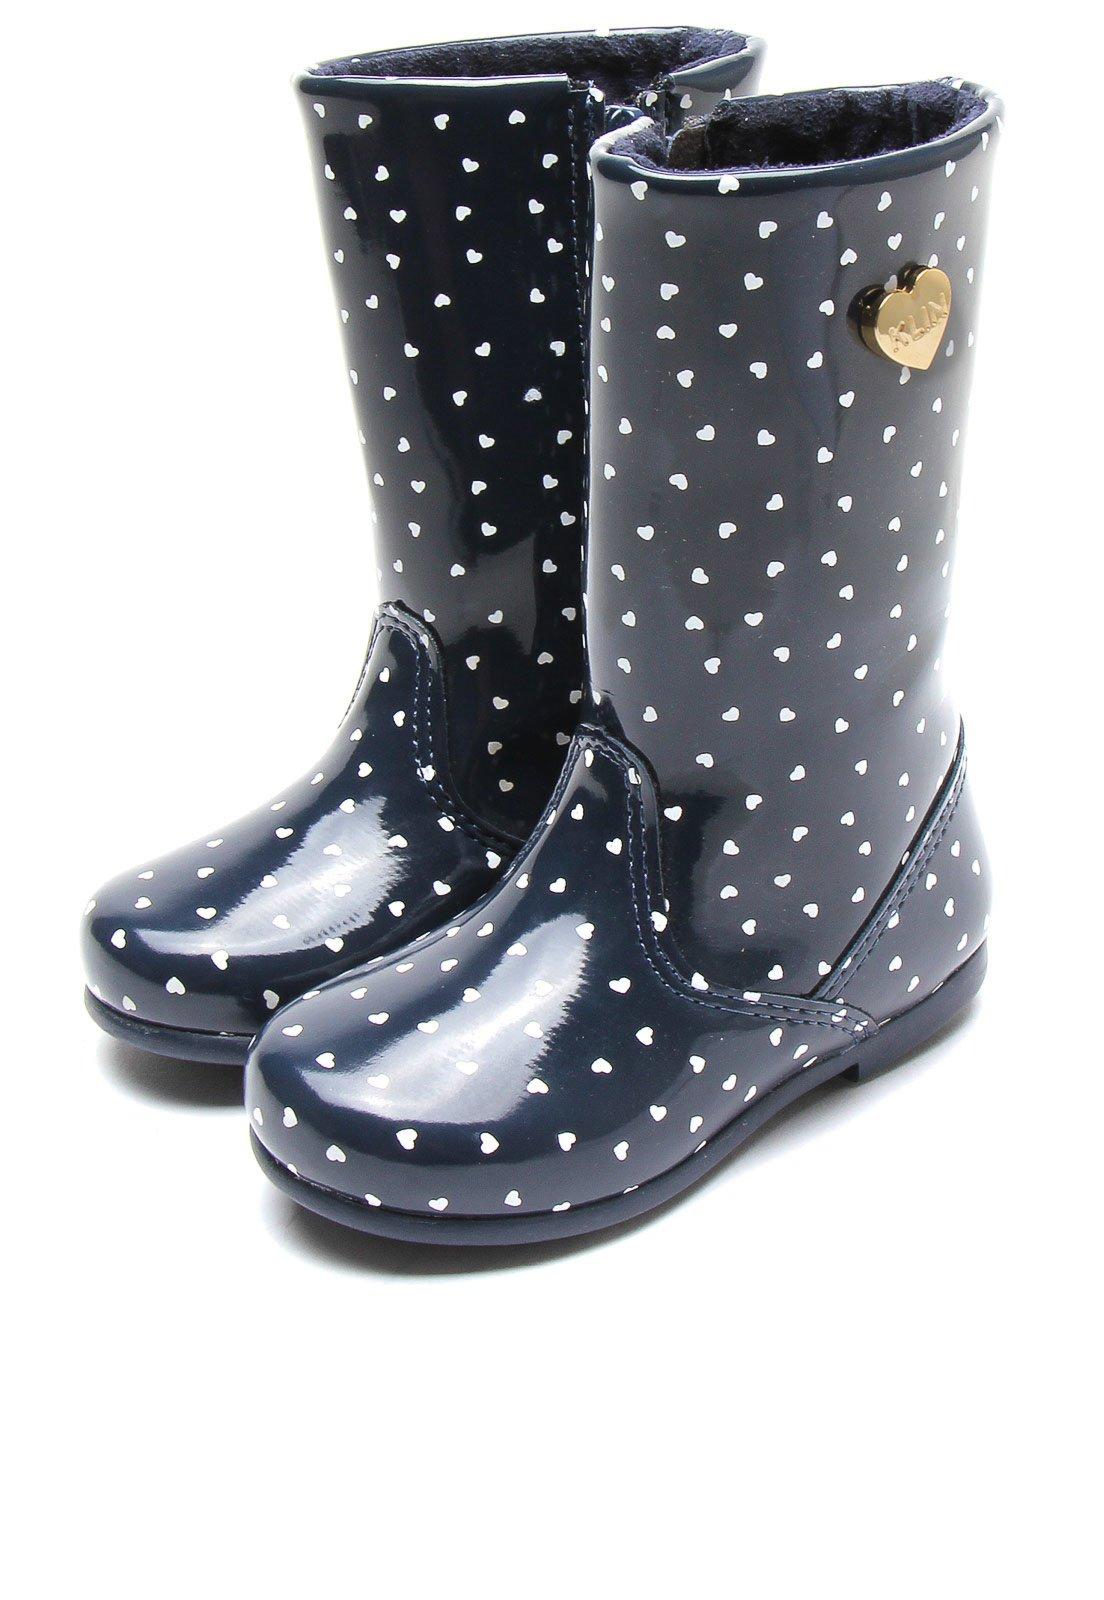 d70bfa0c7 Top marcas de calçados infantis | Blog Tricae